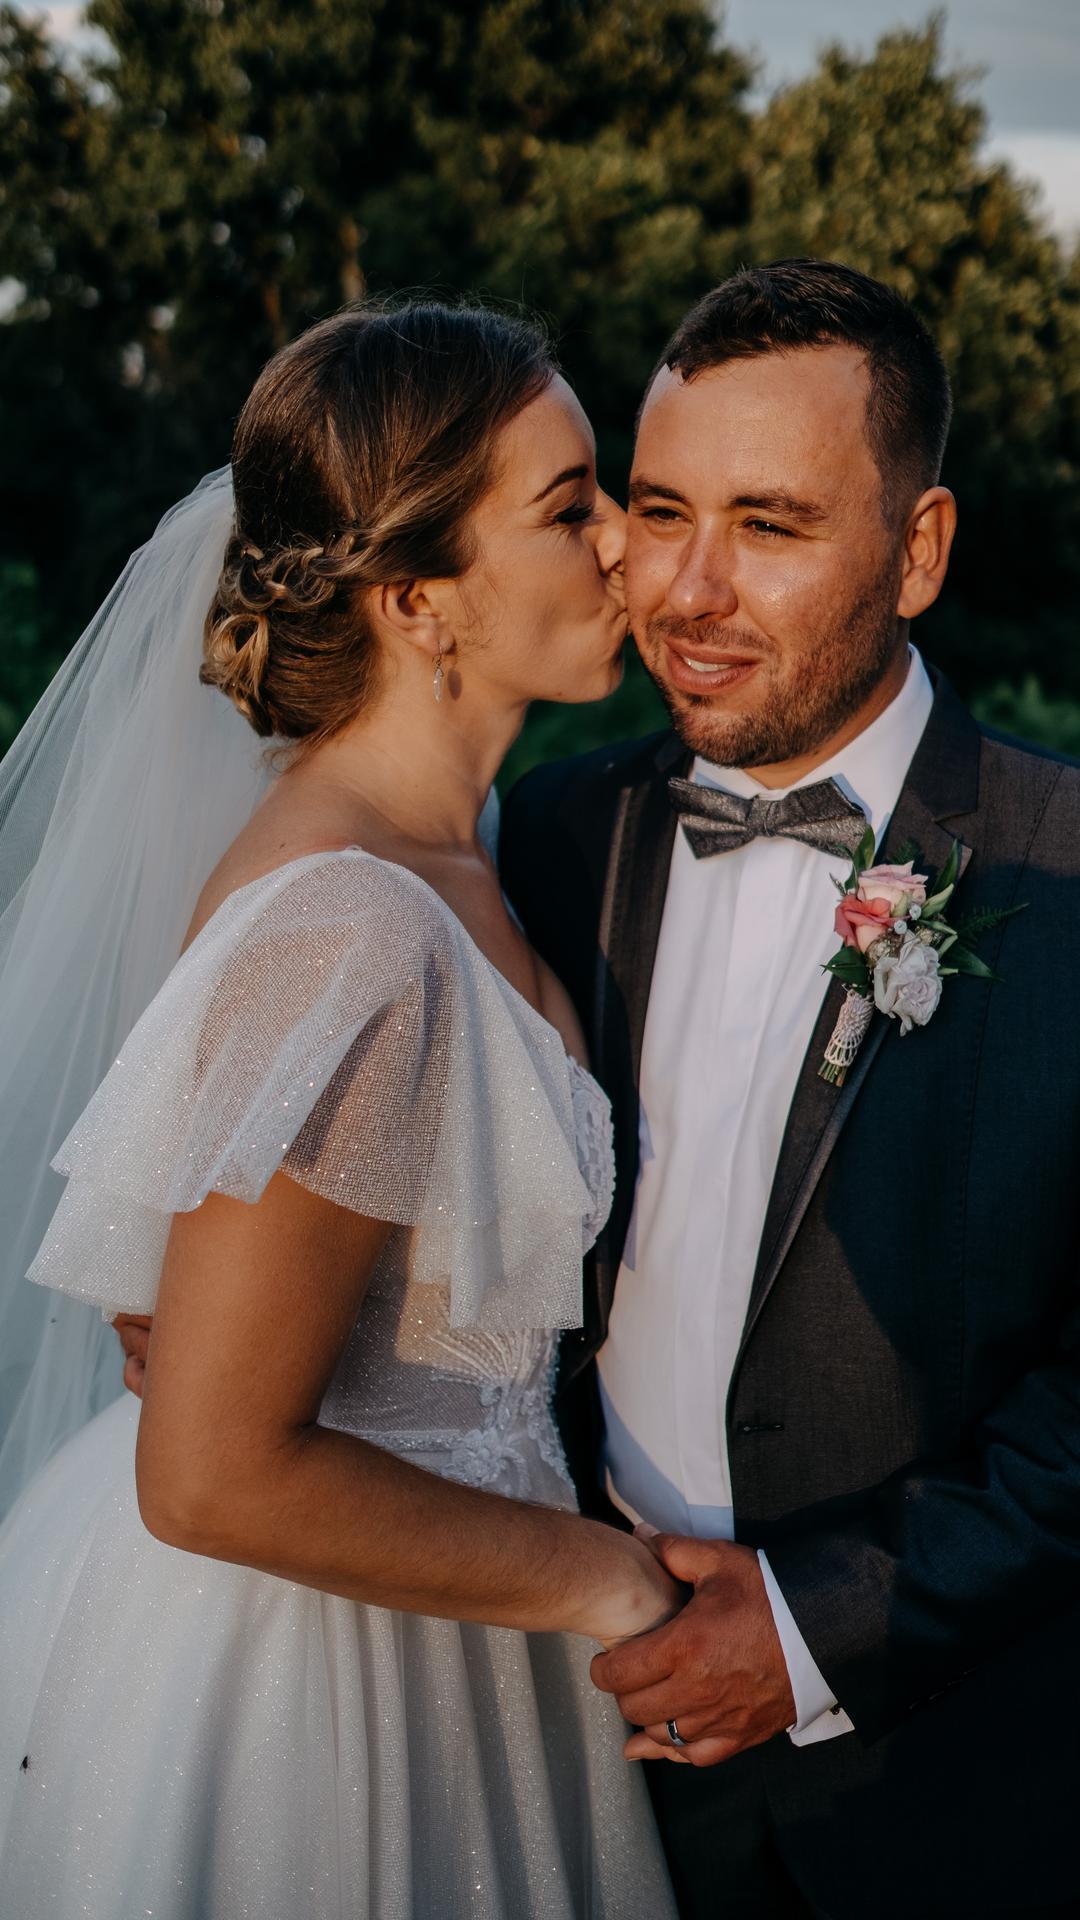 Martina & Andrej - Obrázok č. 10